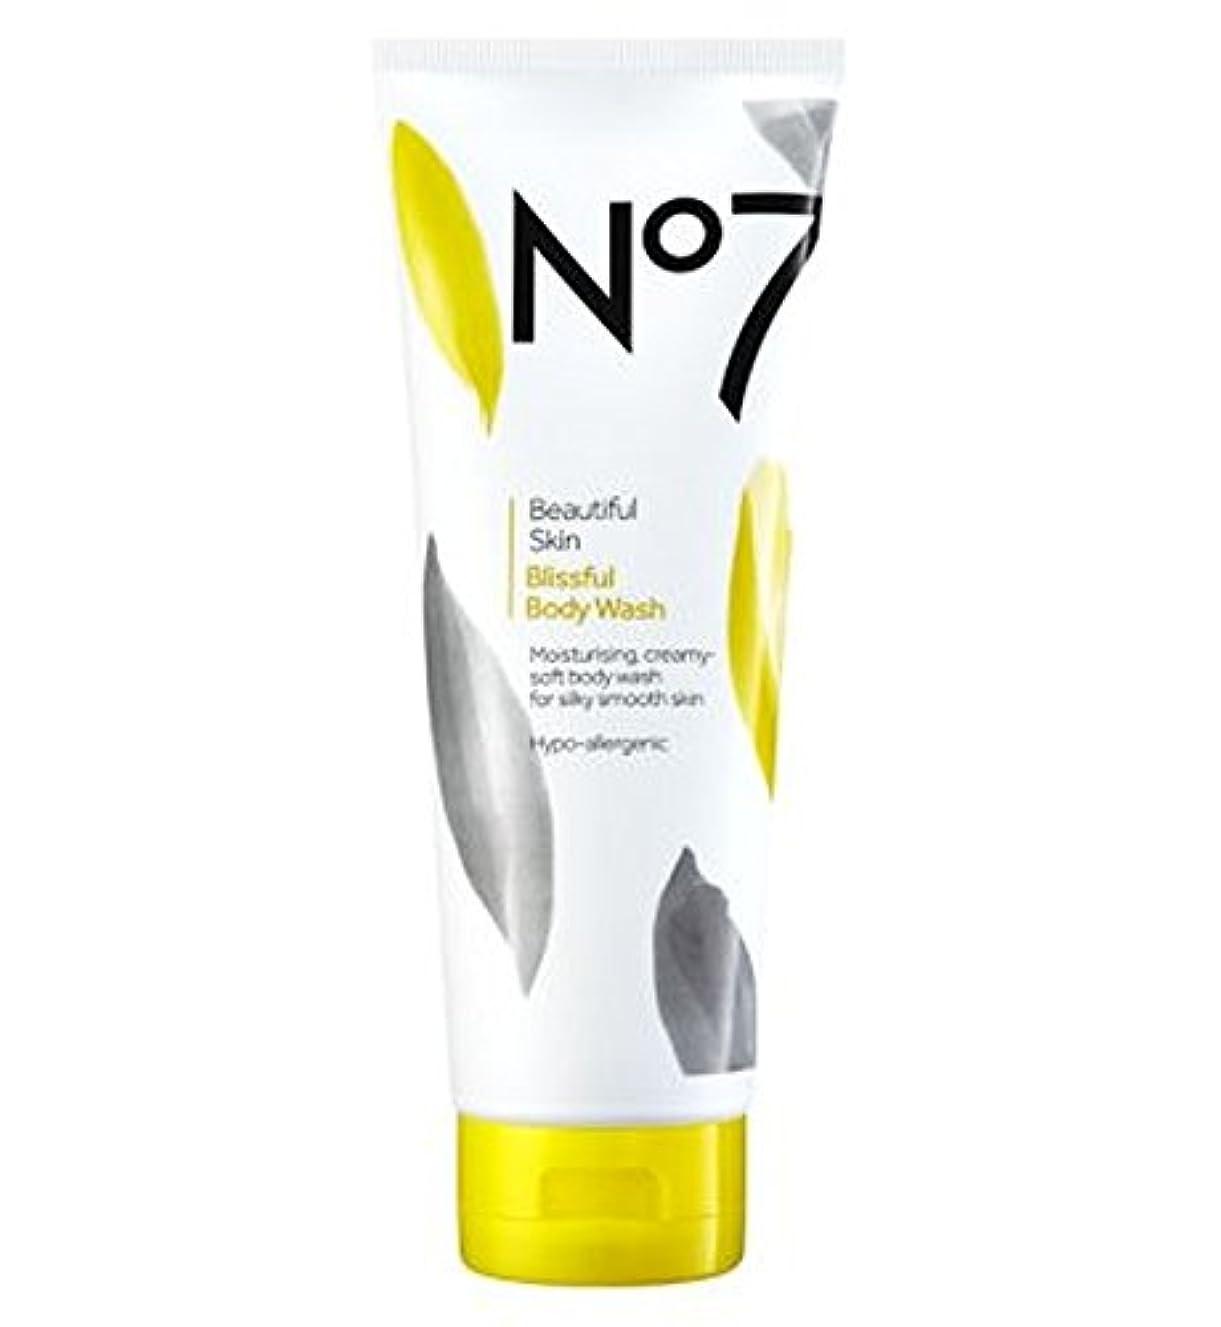 注目すべき励起貢献するNo7 Beautiful Skin Blissful Body Wash - No7美しい肌至福のボディウォッシュ (No7) [並行輸入品]